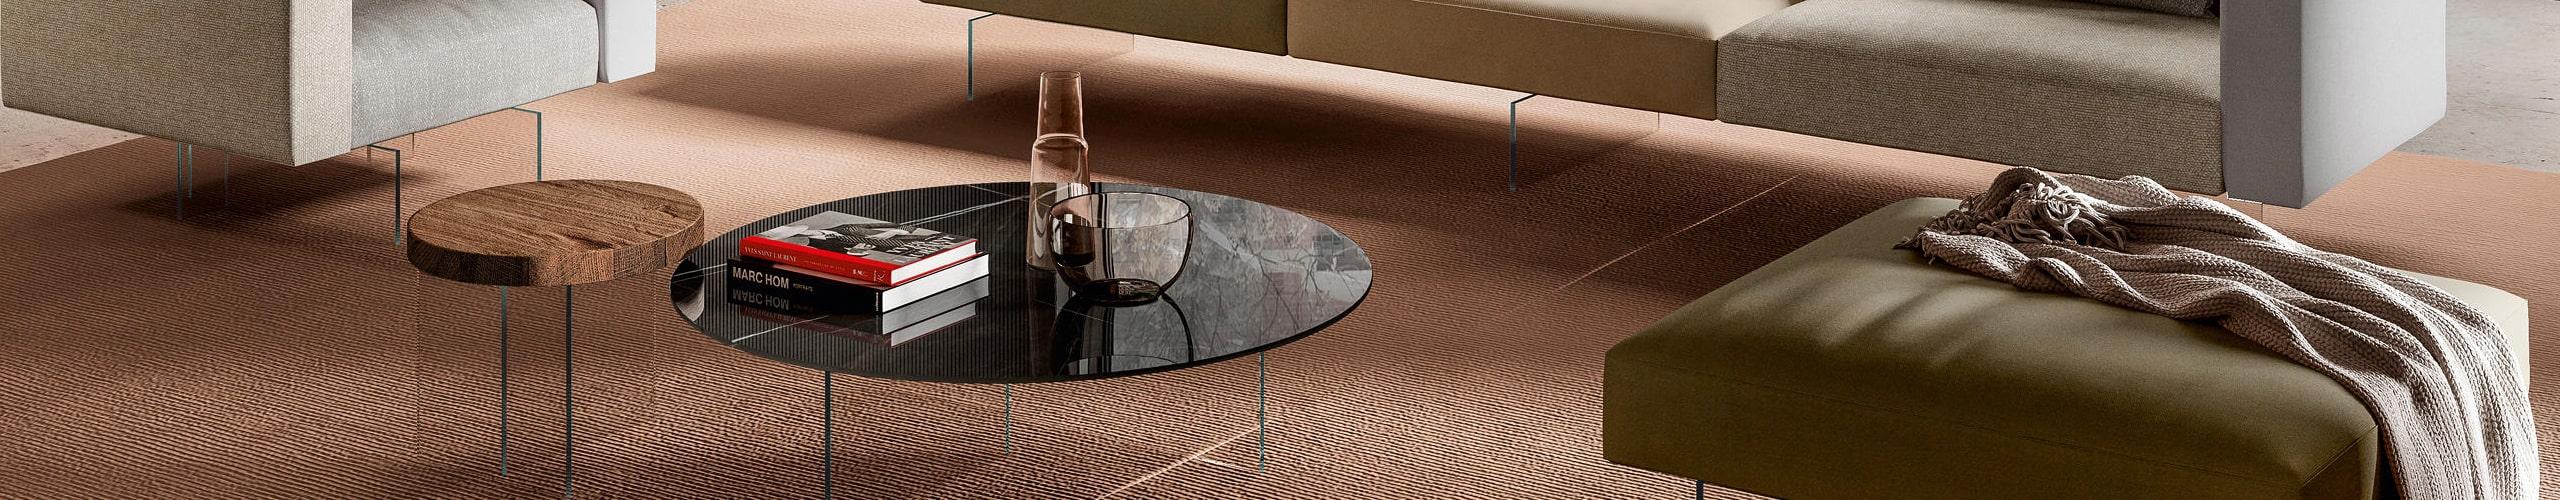 pouf-mobili-design-progettazione-arredo-lusso-interni-lecce-brindisi-taranto